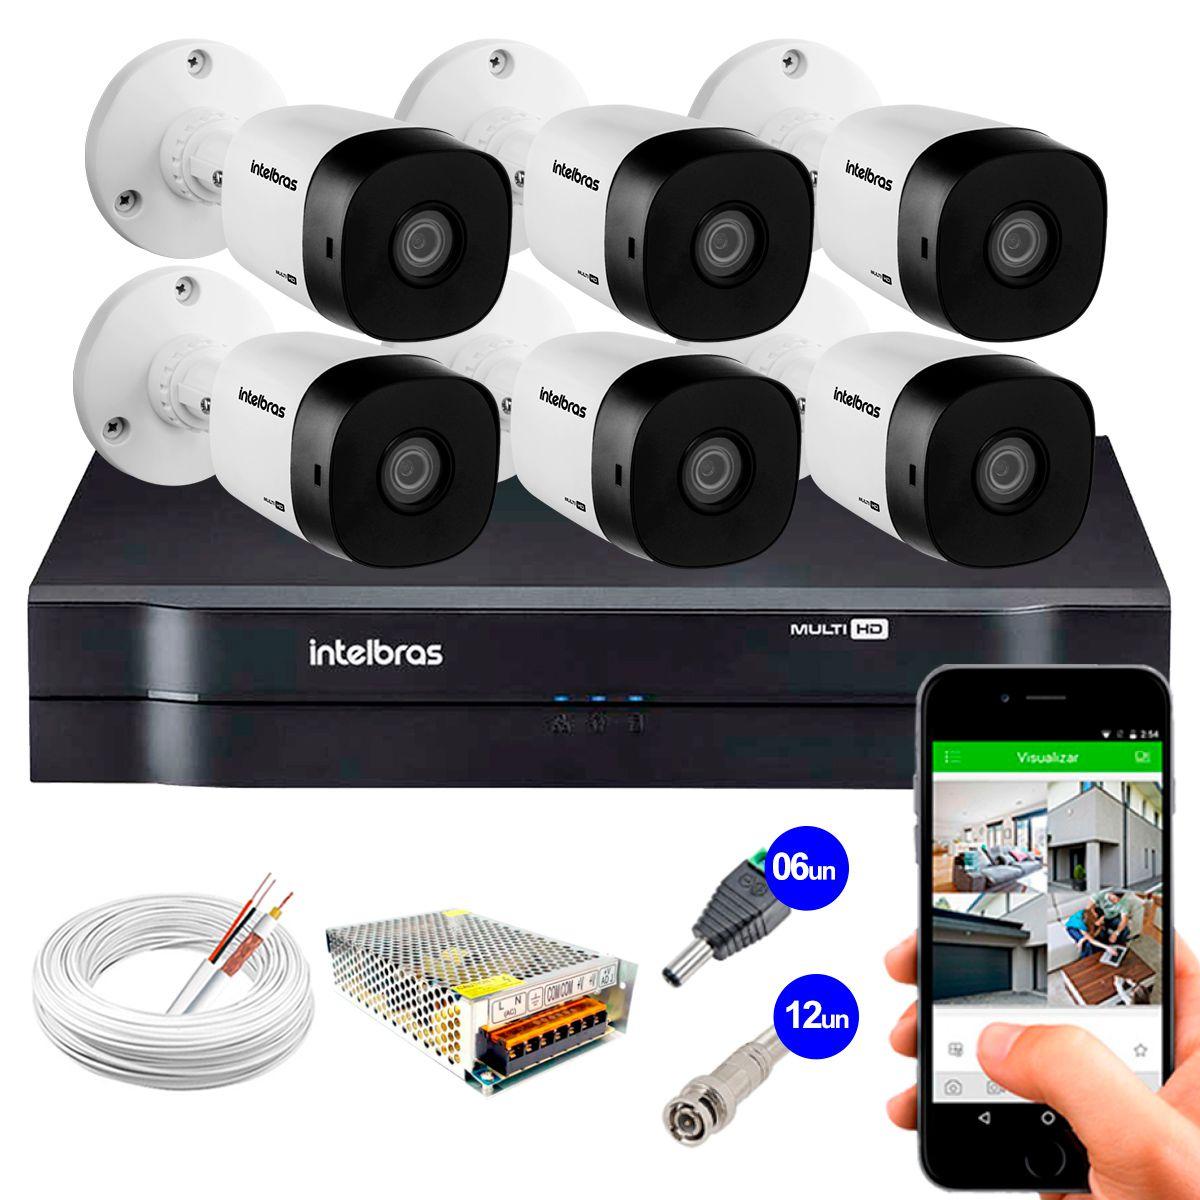 Kit 6 Câmeras VHD 3120 B G5 + DVR Intelbras + App Grátis de Monitoramento, Câmeras HD 720p 20m Infravermelho de Visão Noturna Intelbras + Fonte, Cabos e Acessórios  - Tudo Forte